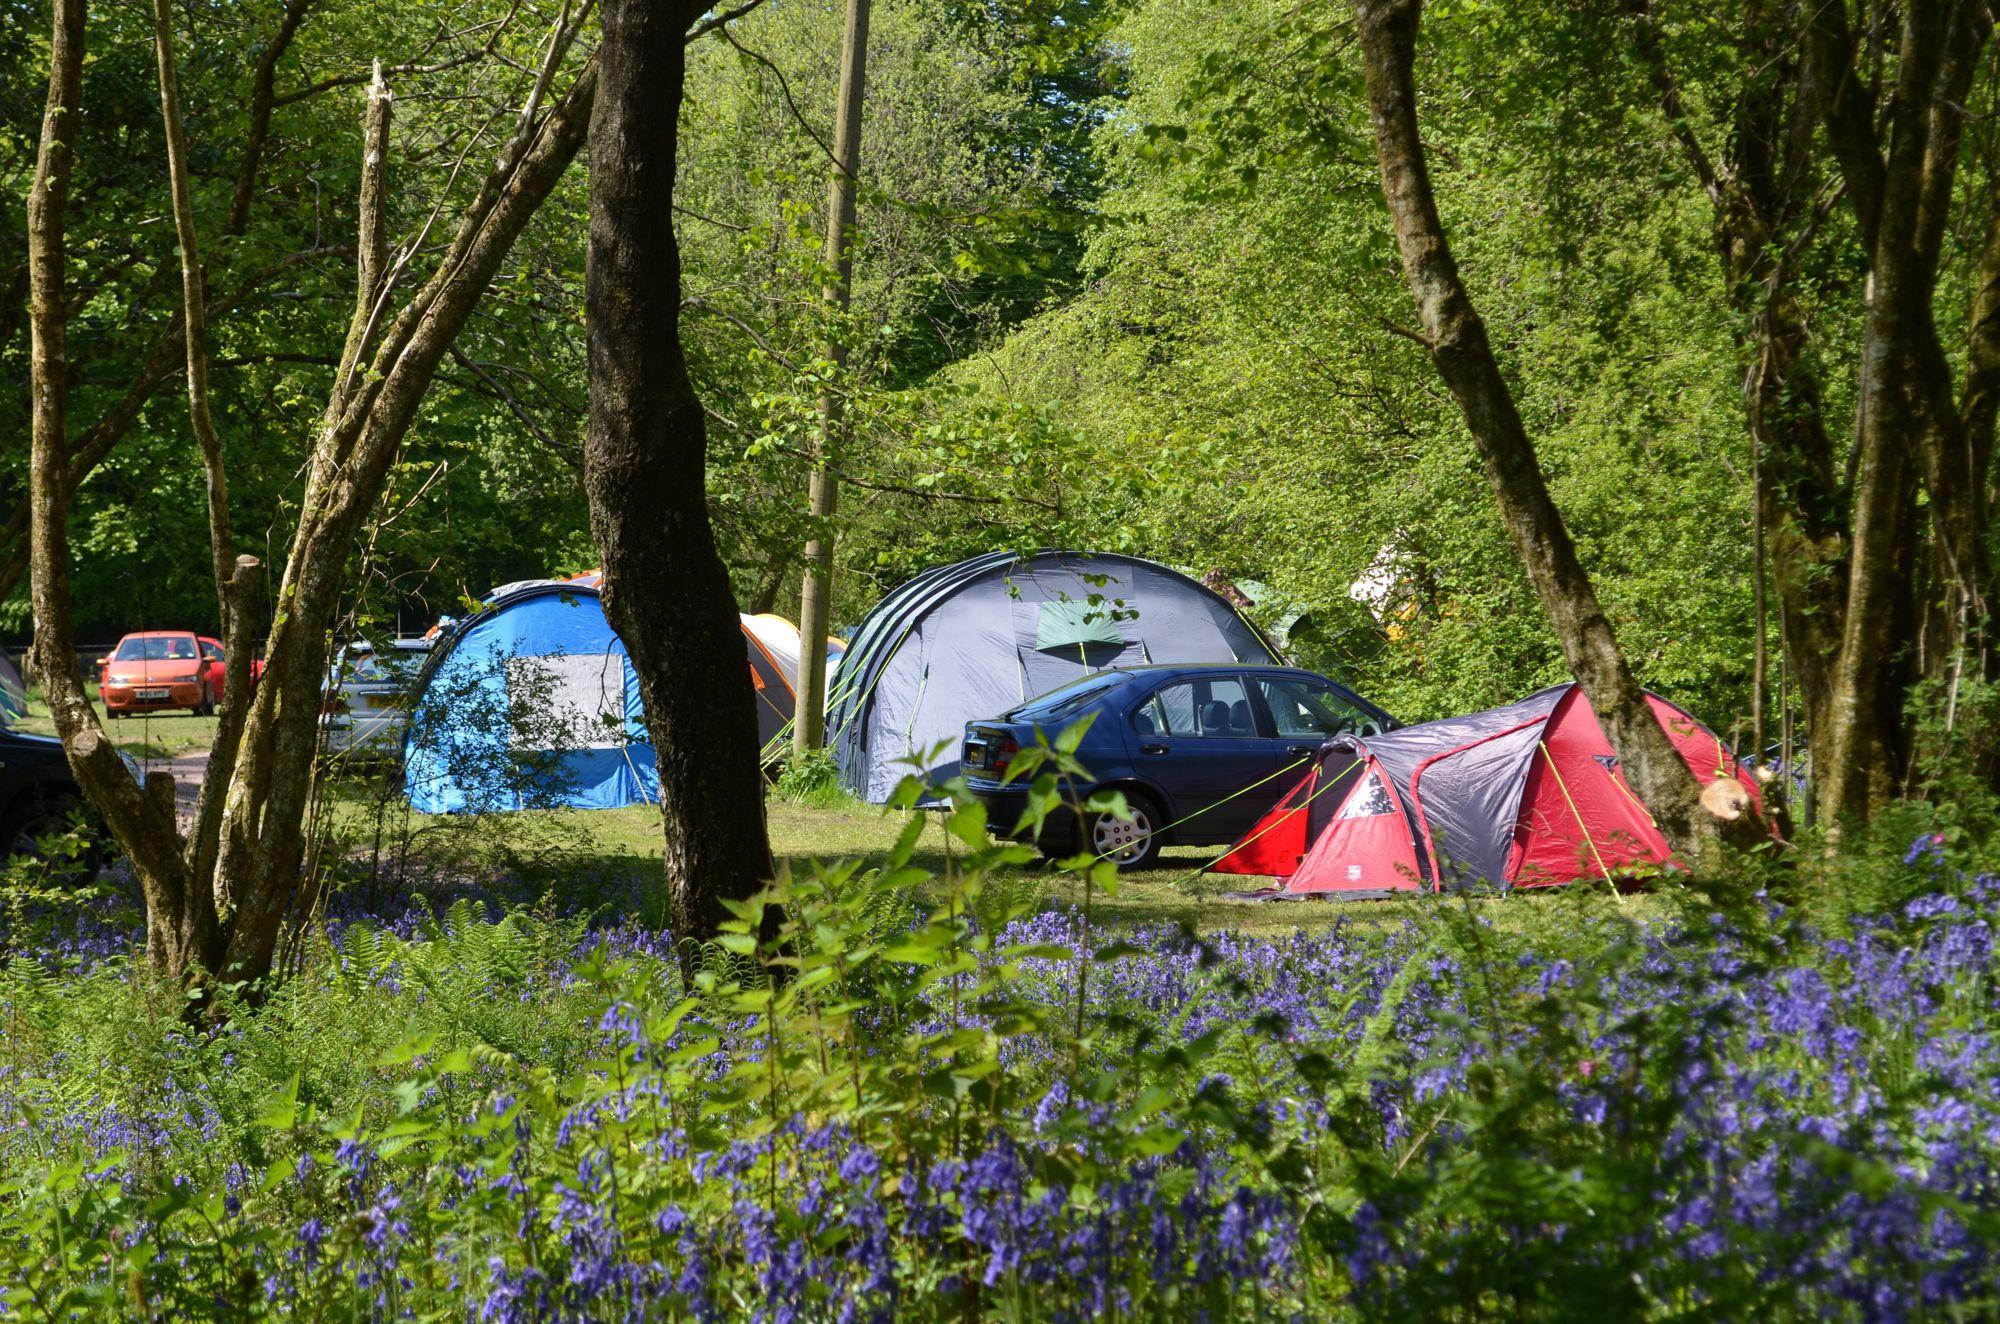 Campsites in the Blackdown Hills  – Top Campsites in the Blackdown Hills AONB – Cool Camping